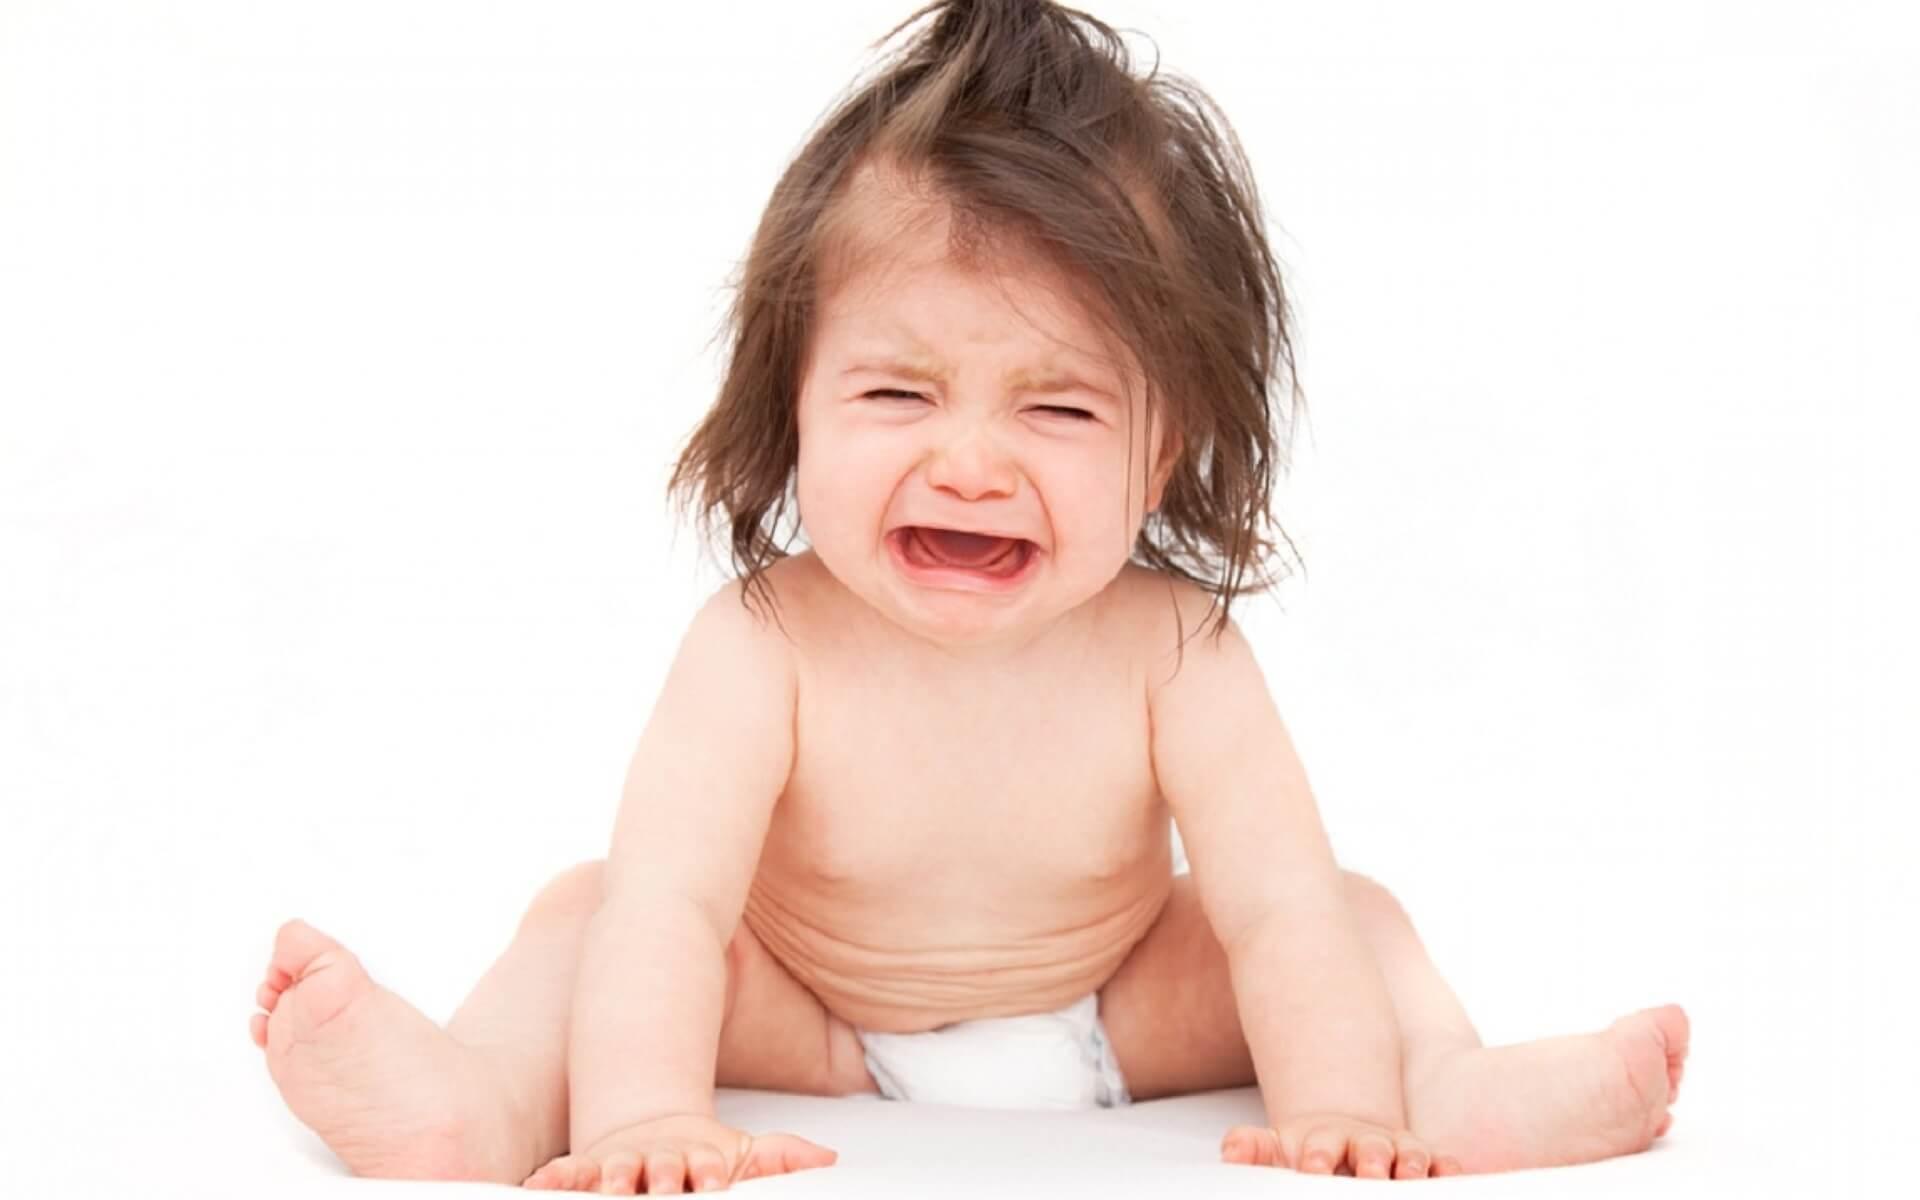 Признаки дисбактериоза у грудных детей, причины и лечение